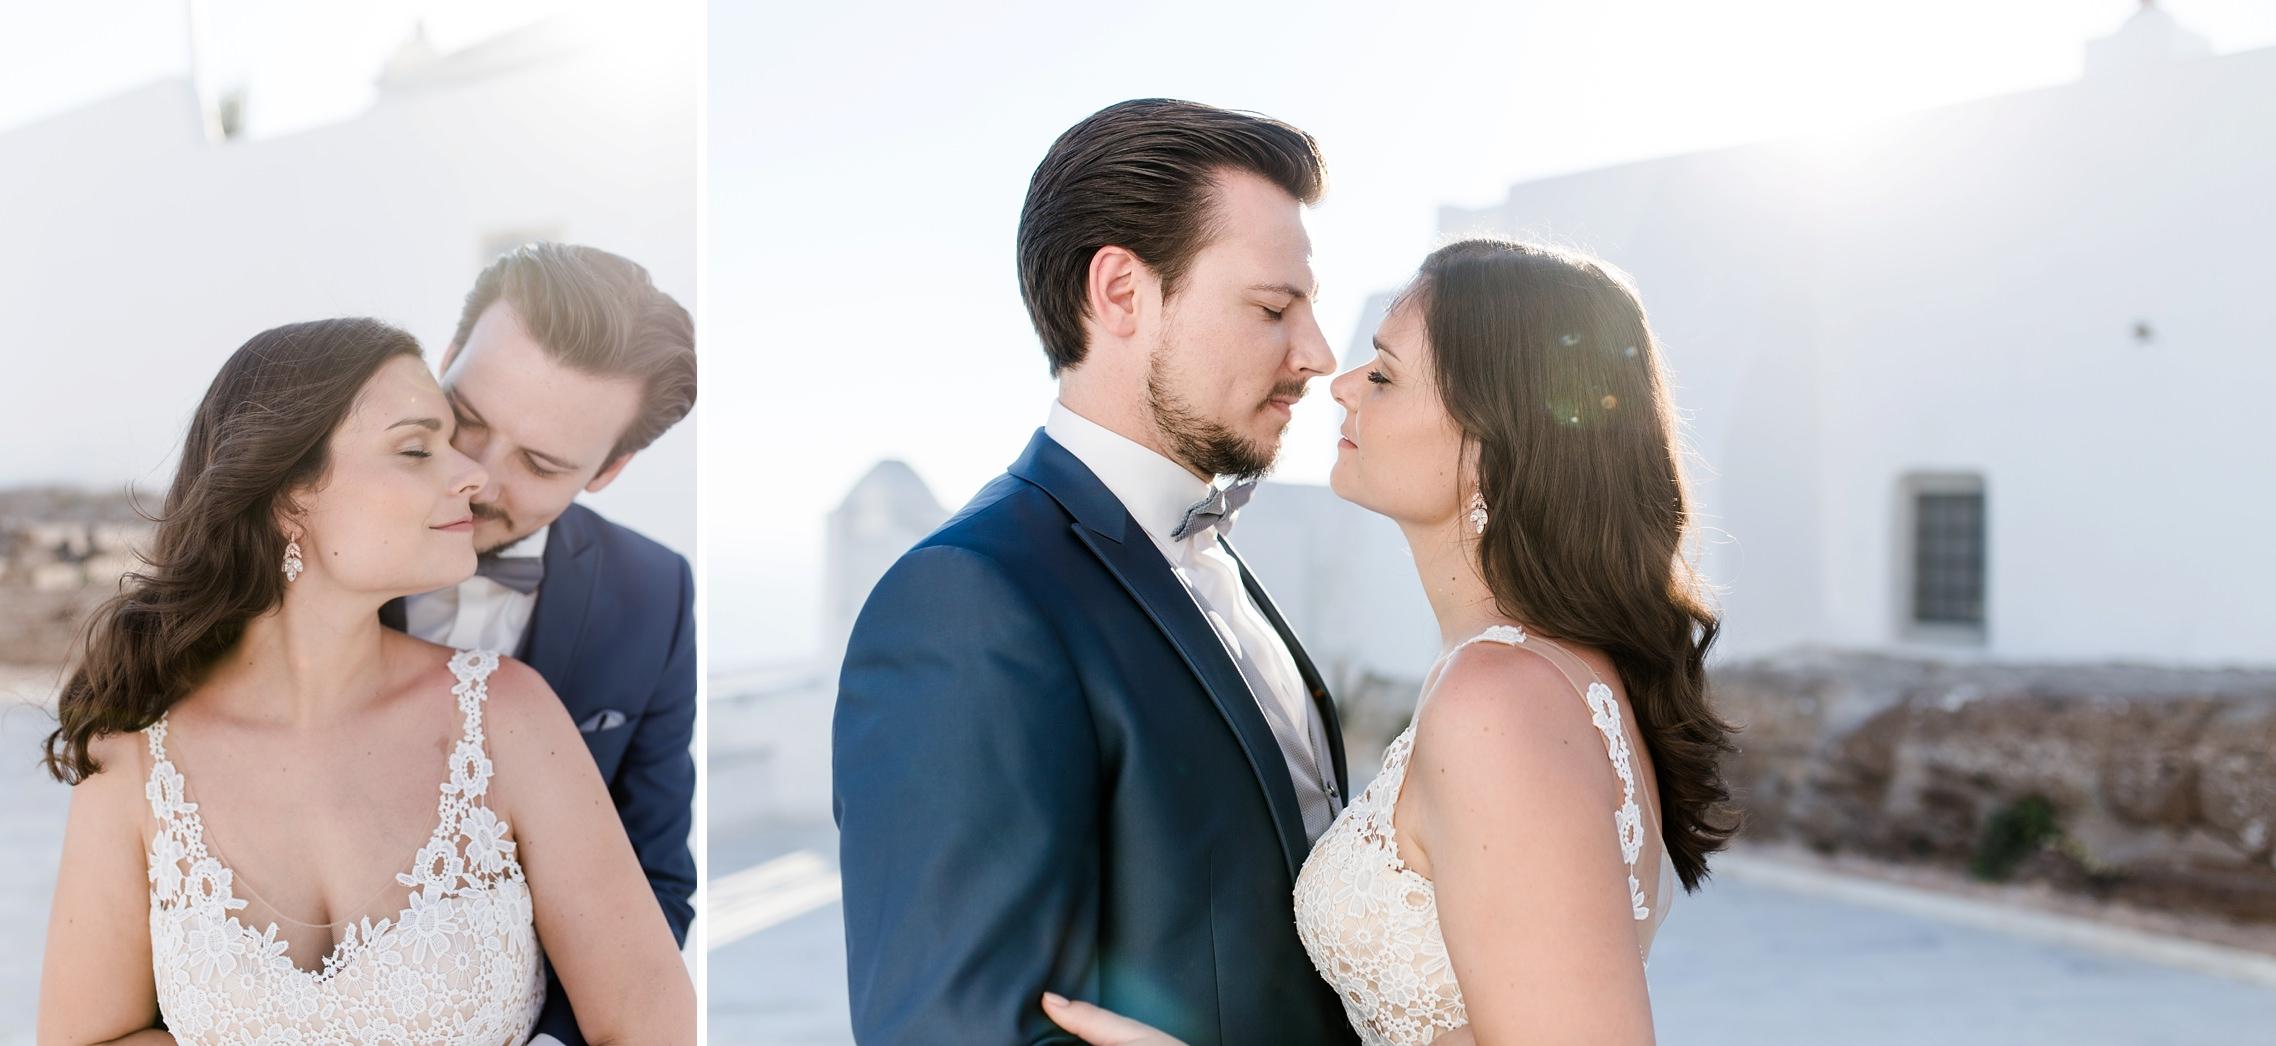 Bräutigam nimmt seine Braut zärtlich in den Arm - After-Wedding-Shooting auf Santorini.